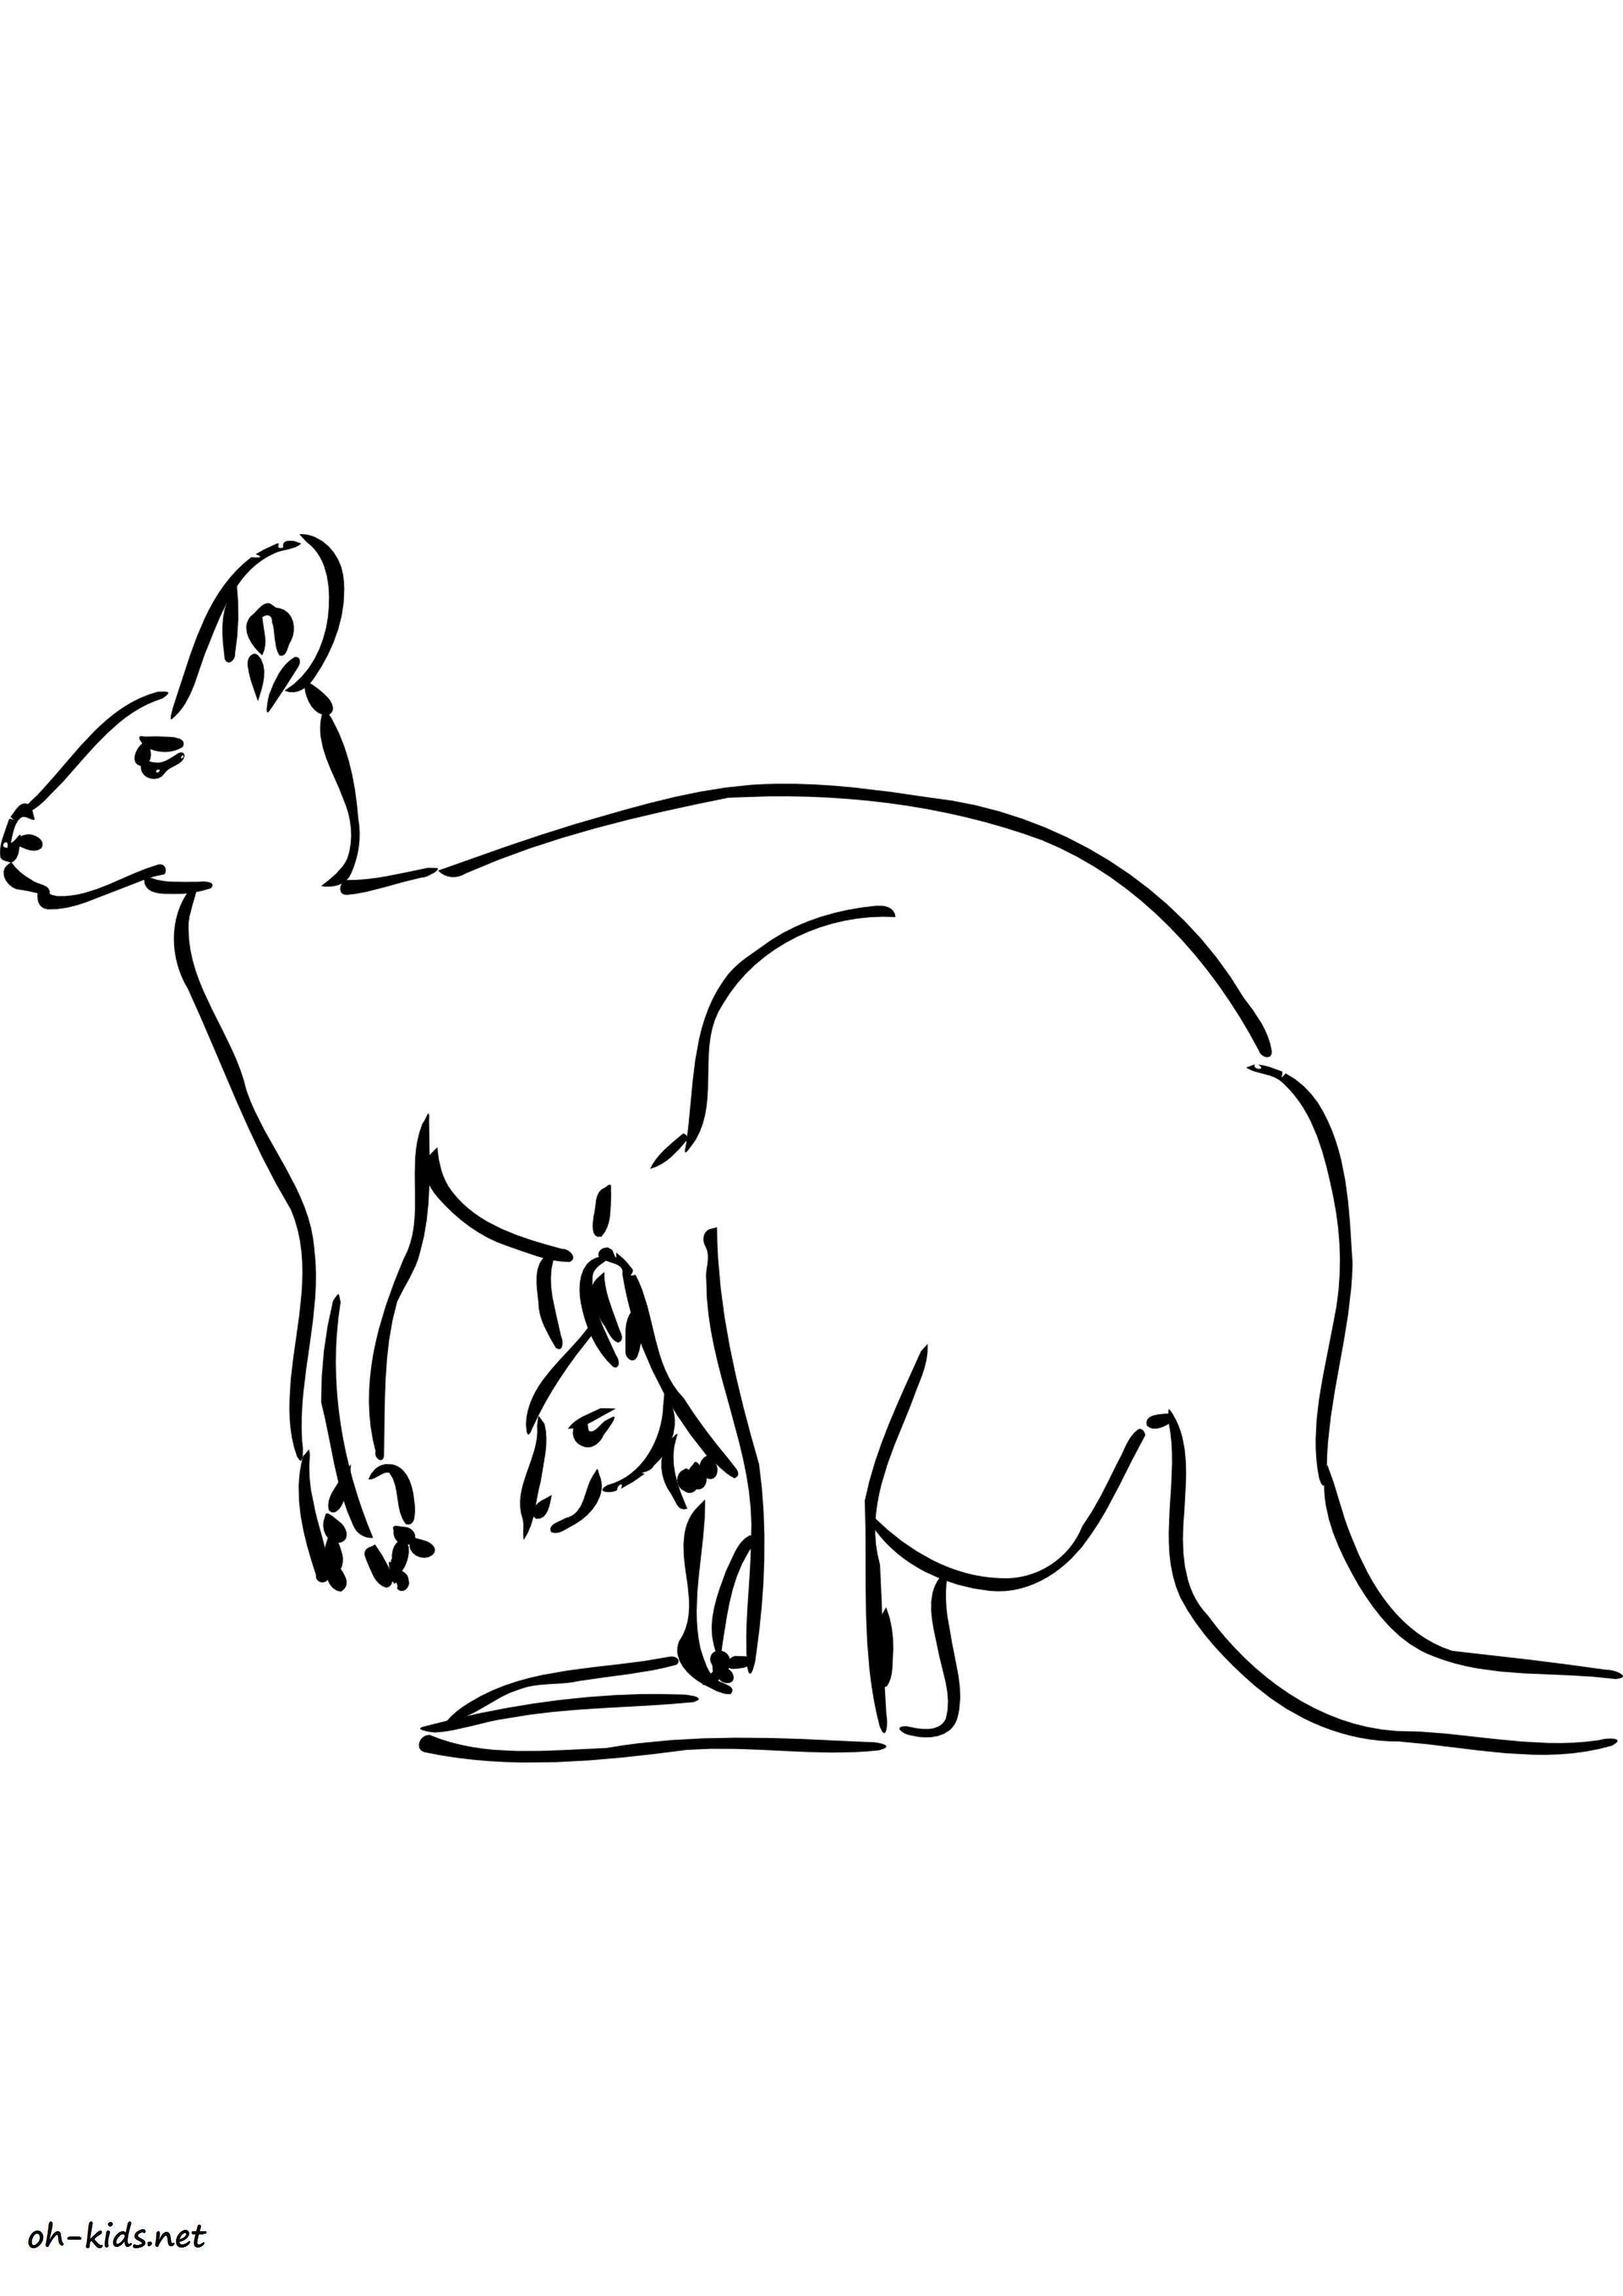 coloriage kangourou a imprimer - Dessin #1634